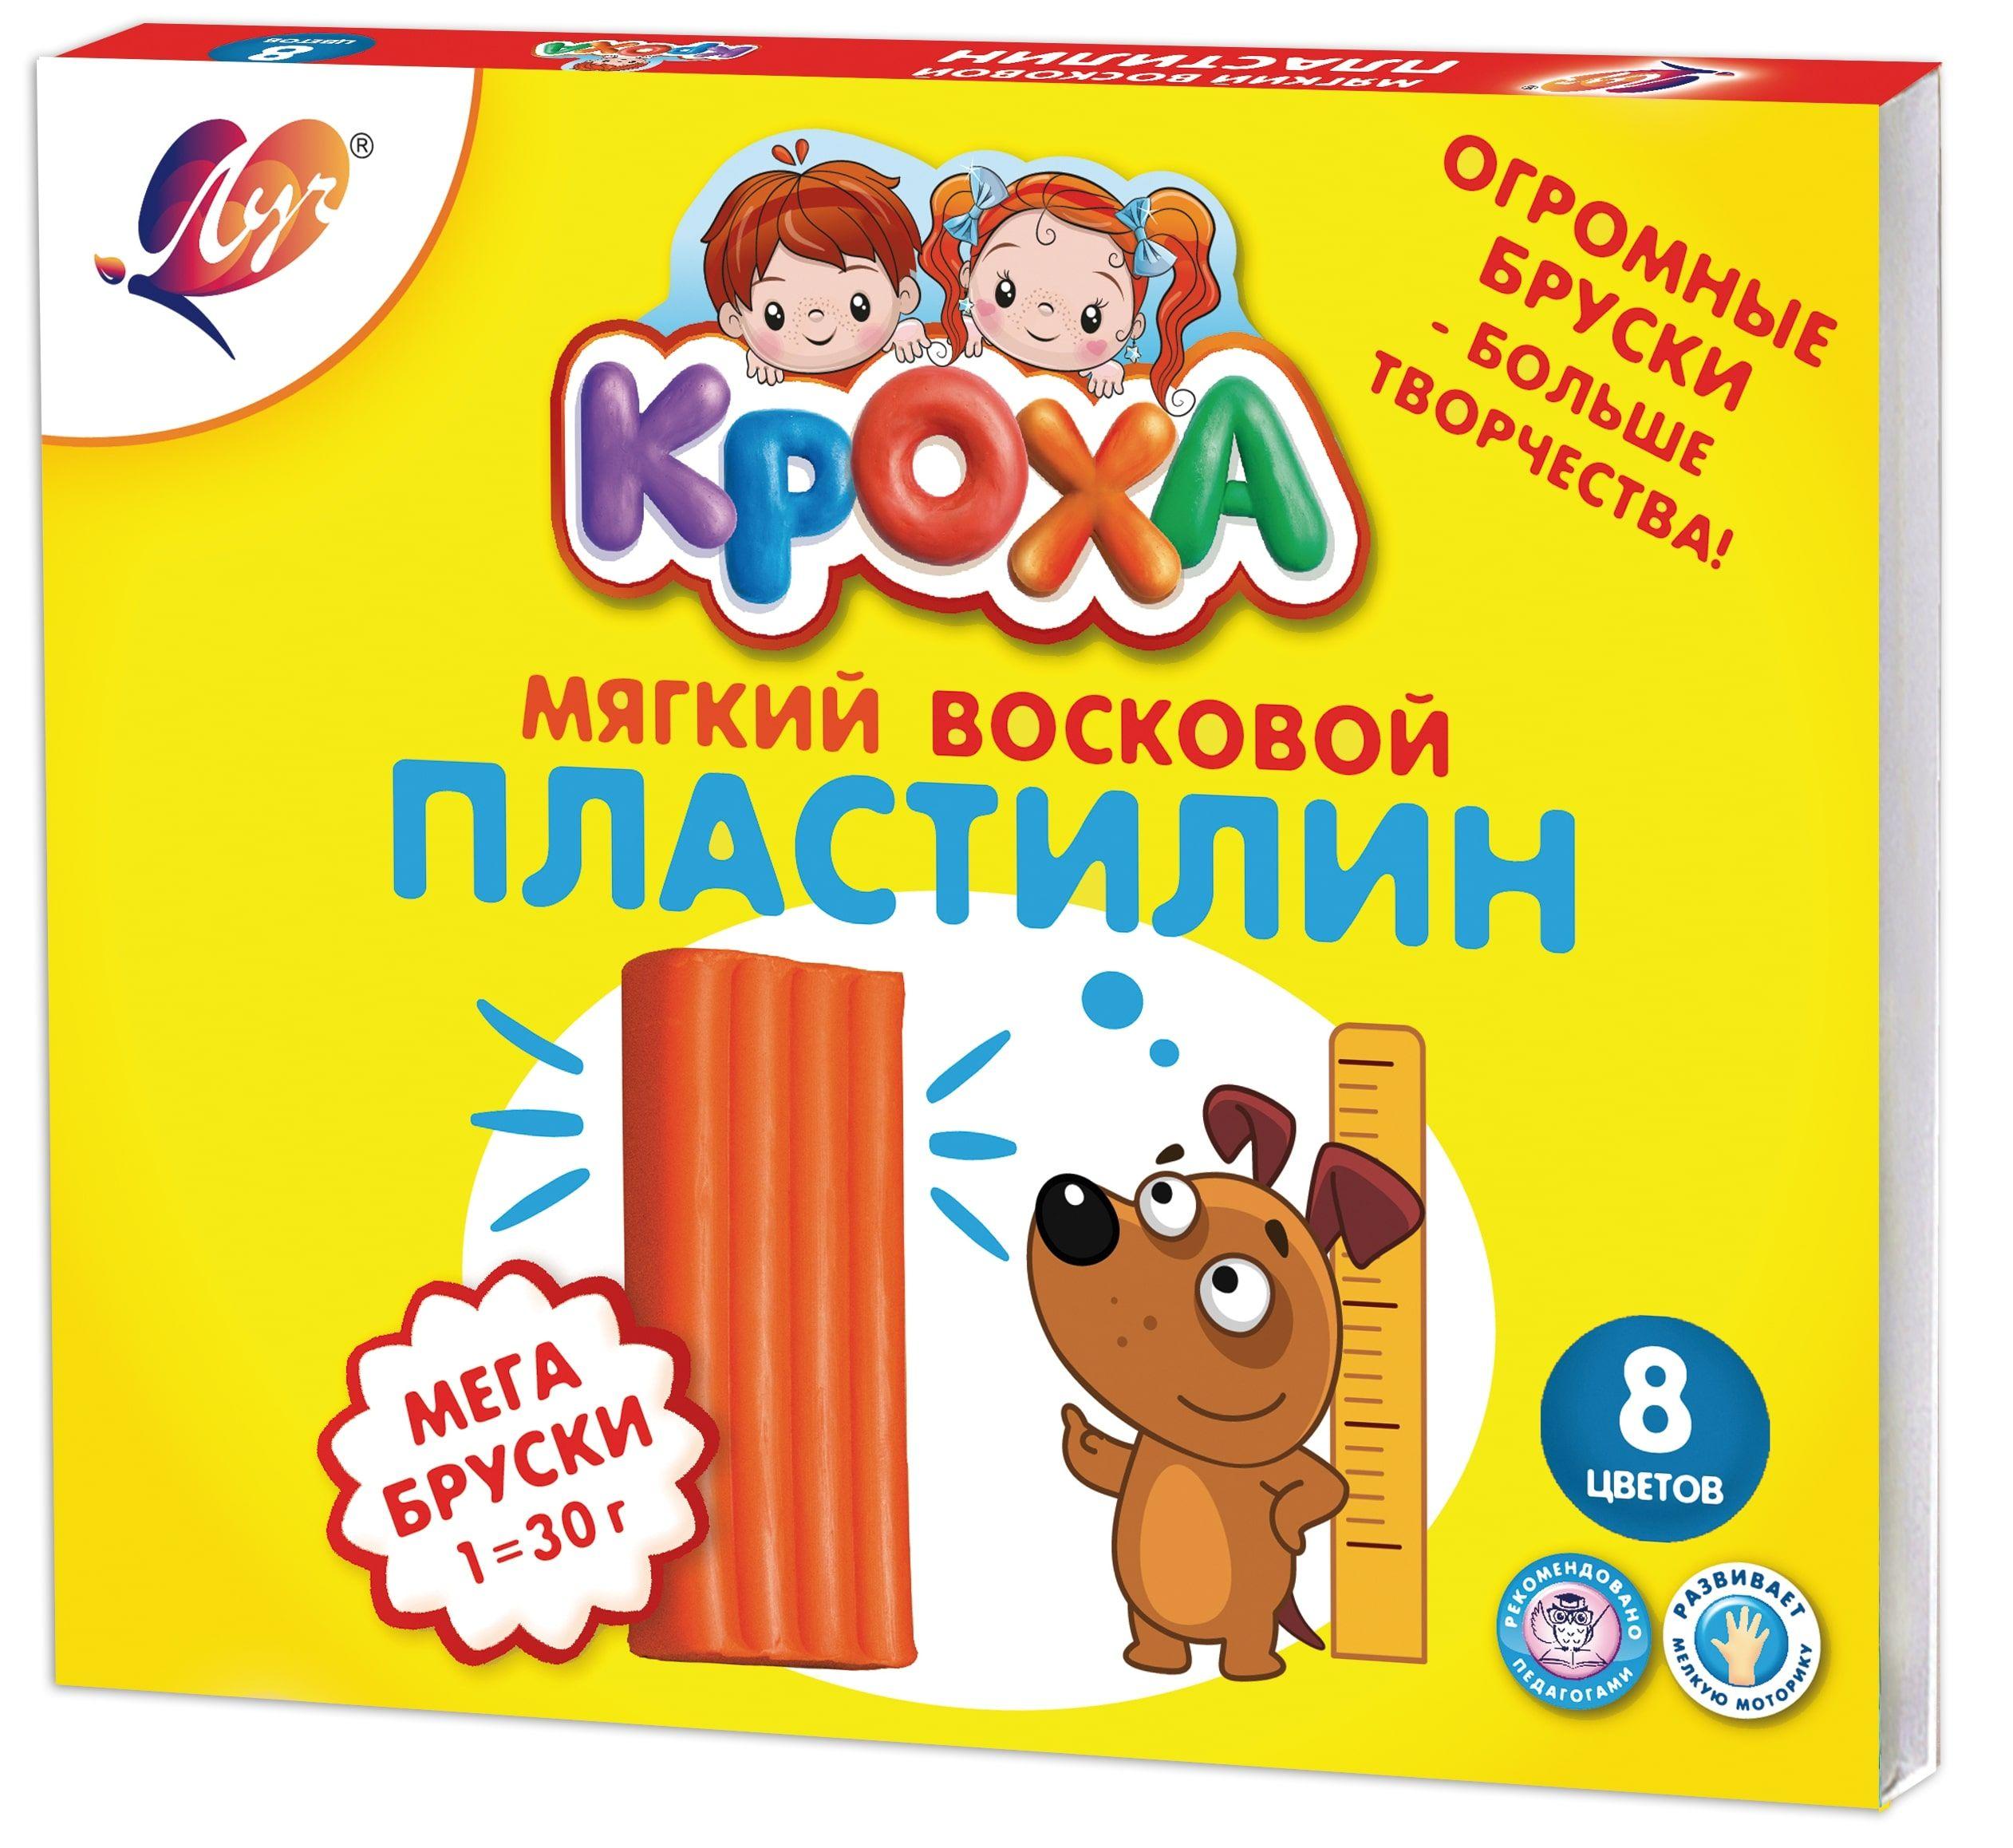 Пластилин ЛУЧ КРОХА МЕГА 8 цв. 280 г со стеком